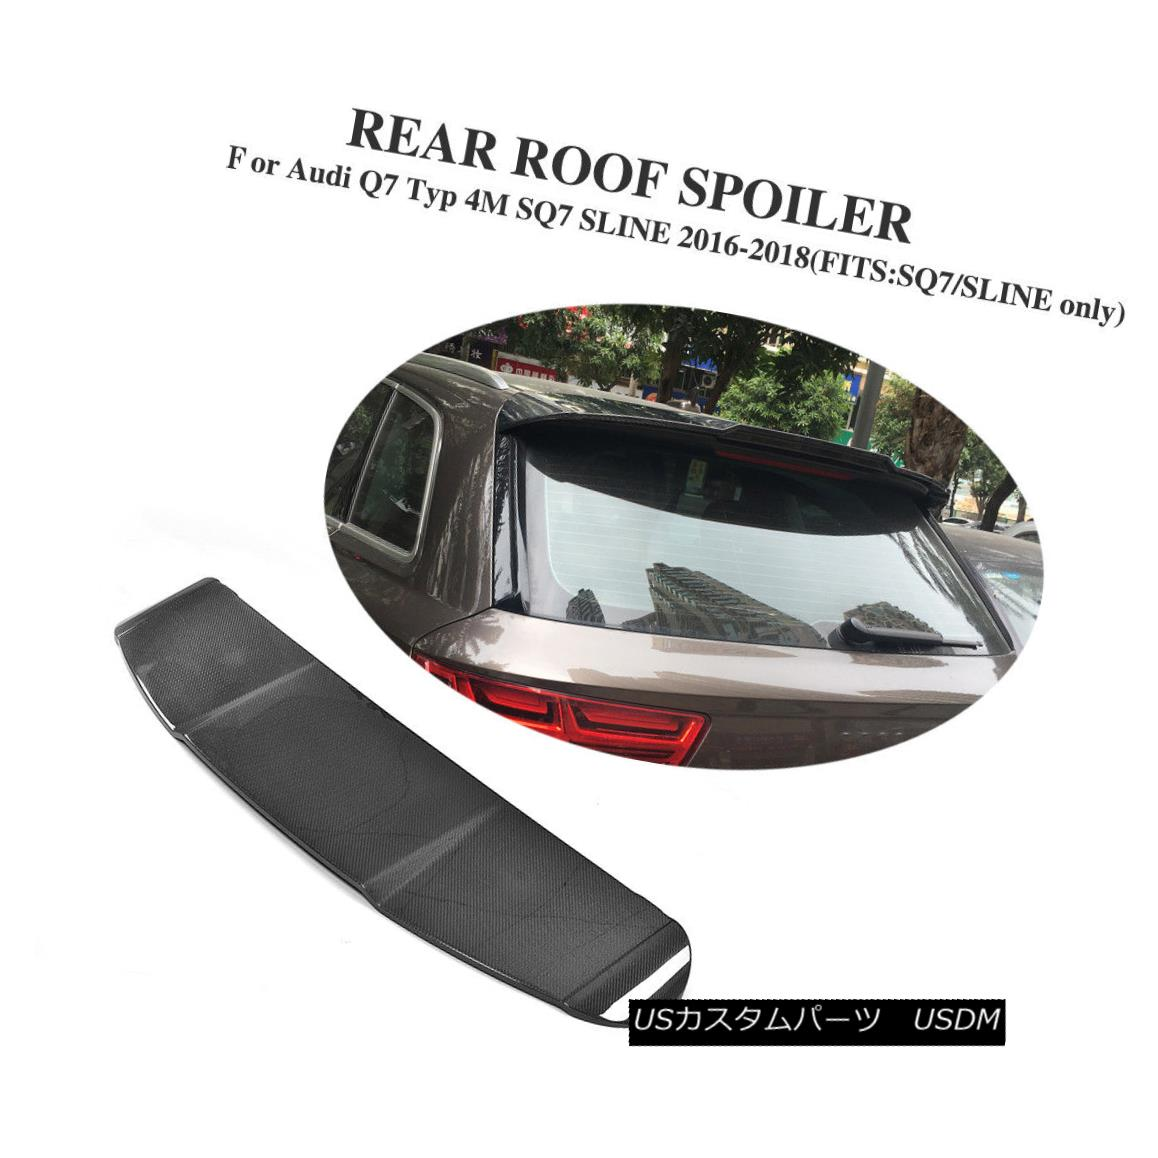 エアロパーツ Rear Roof Spoiler Tail Trunk Carbon Fiber Fit For Audi Q7 Typ 4M SQ7 SLINE 16-18 Audi Q7 Typ 4M SQ7 SLINE 16-18用リアルーフスポイラーテールトランクカーボンファイバーフィット